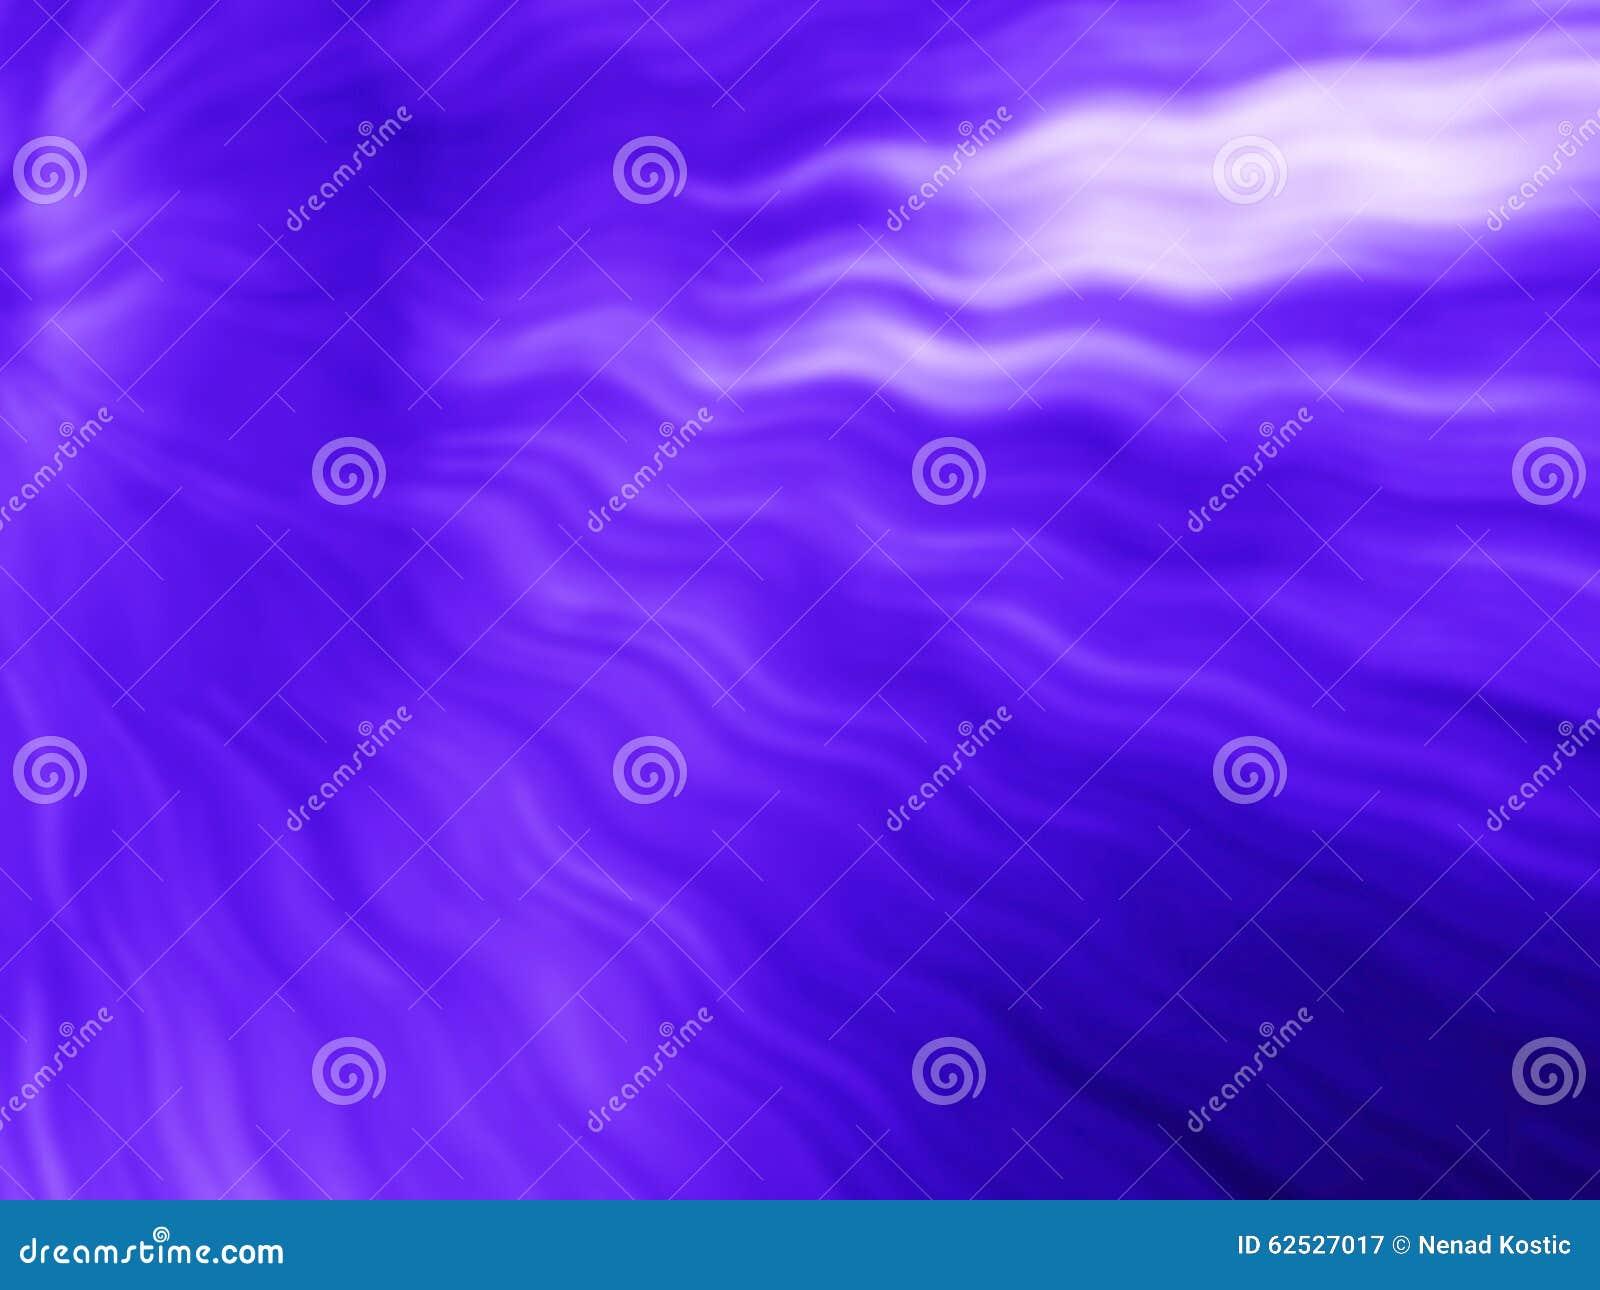 Starburst蓝色和紫色抽象背景